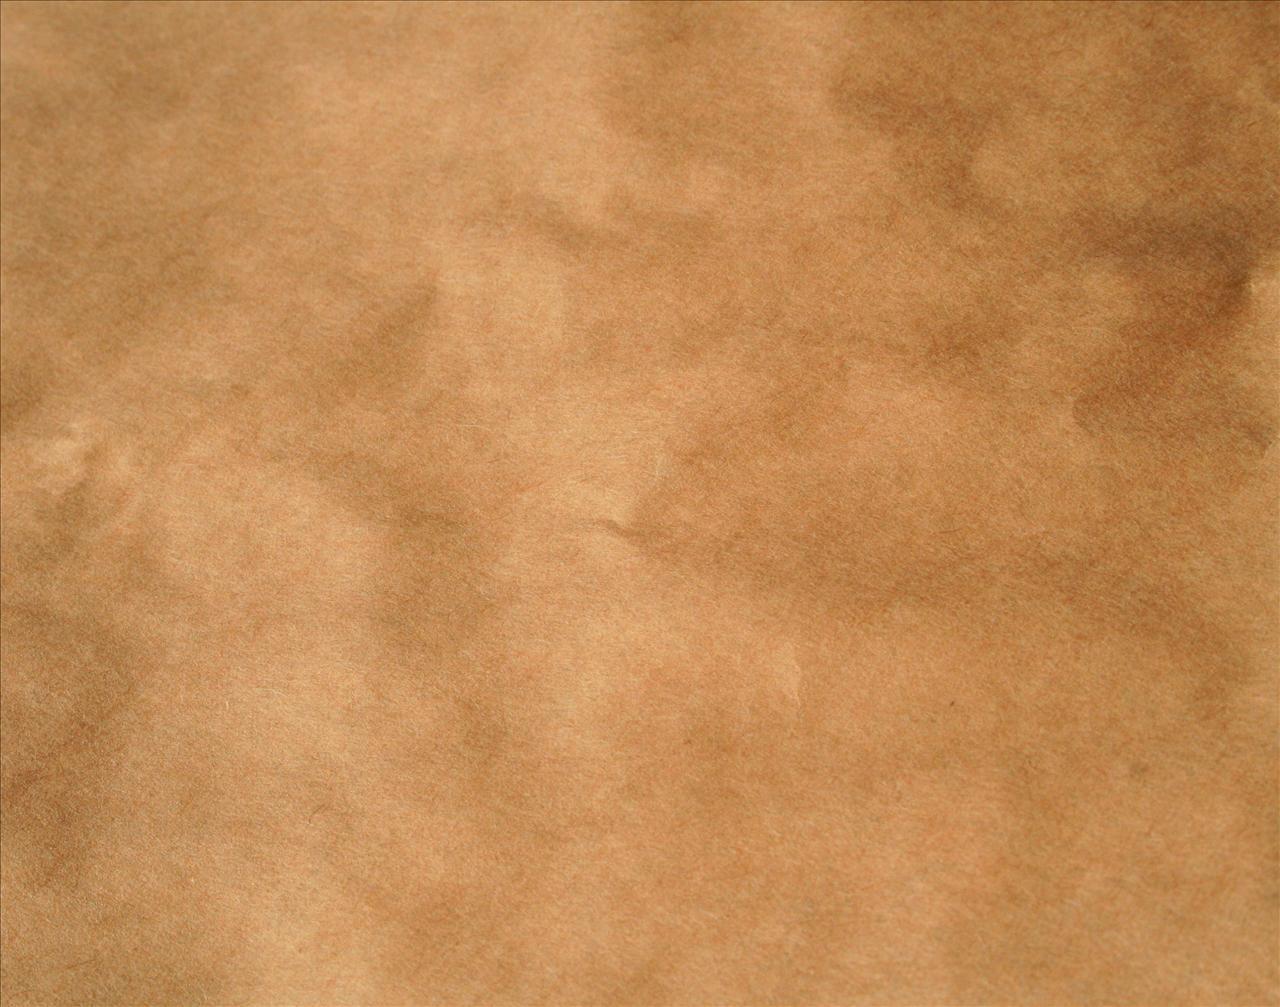 Brown Paper Bags as Wallpaper - WallpaperSafari